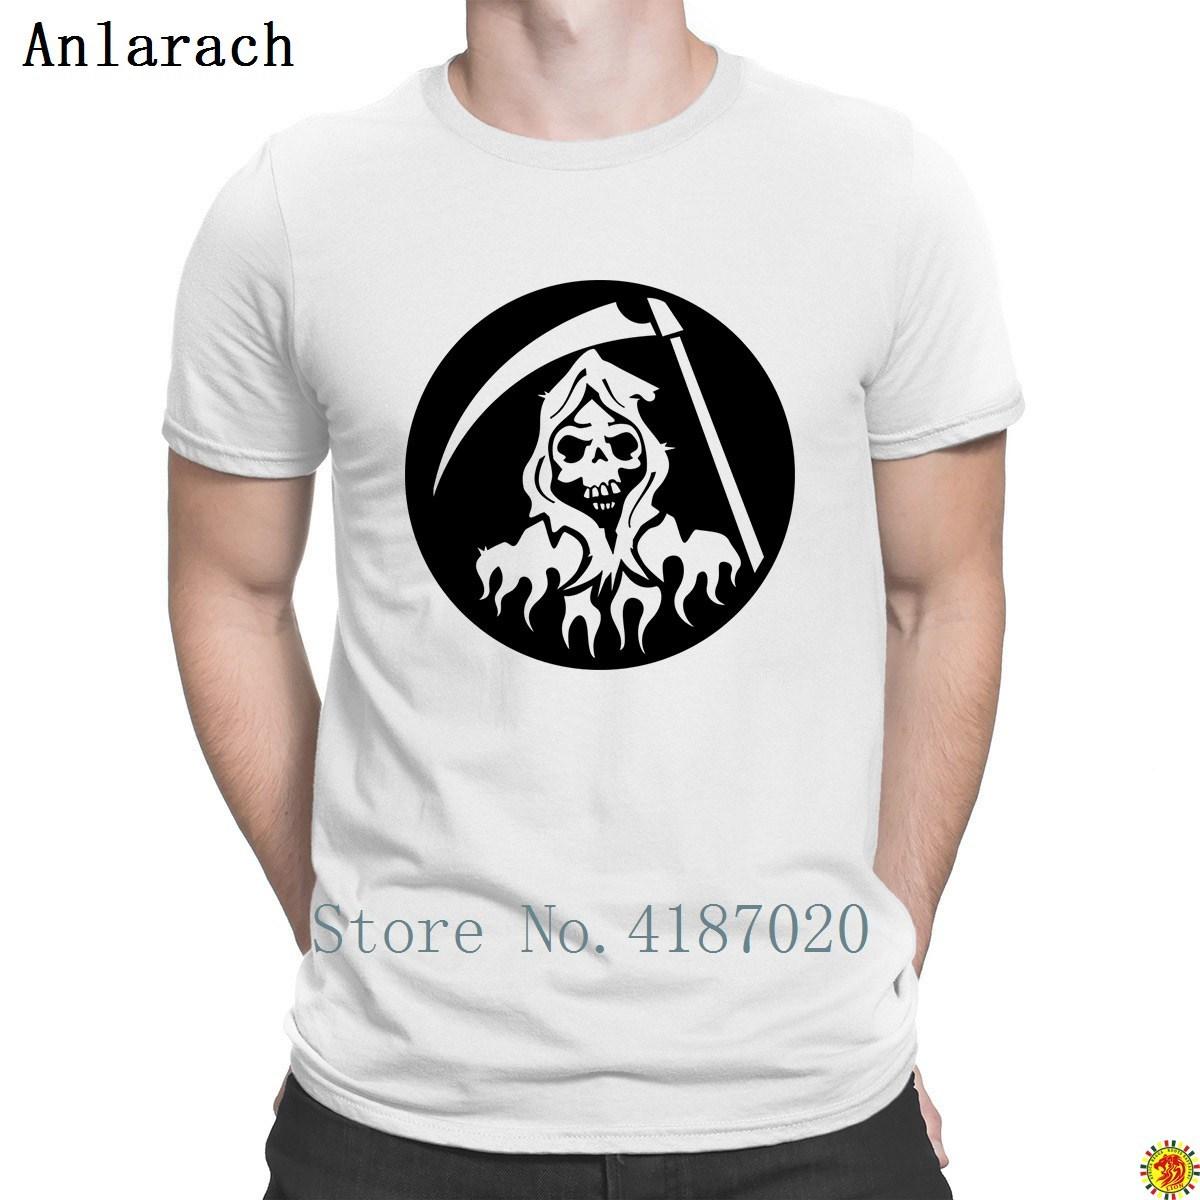 No Fear T-shirts Slim Fit 2018 Coton Imprimé T-shirt Pour Hommes Vêtements Construction Familiale Anlarach Top Qualité